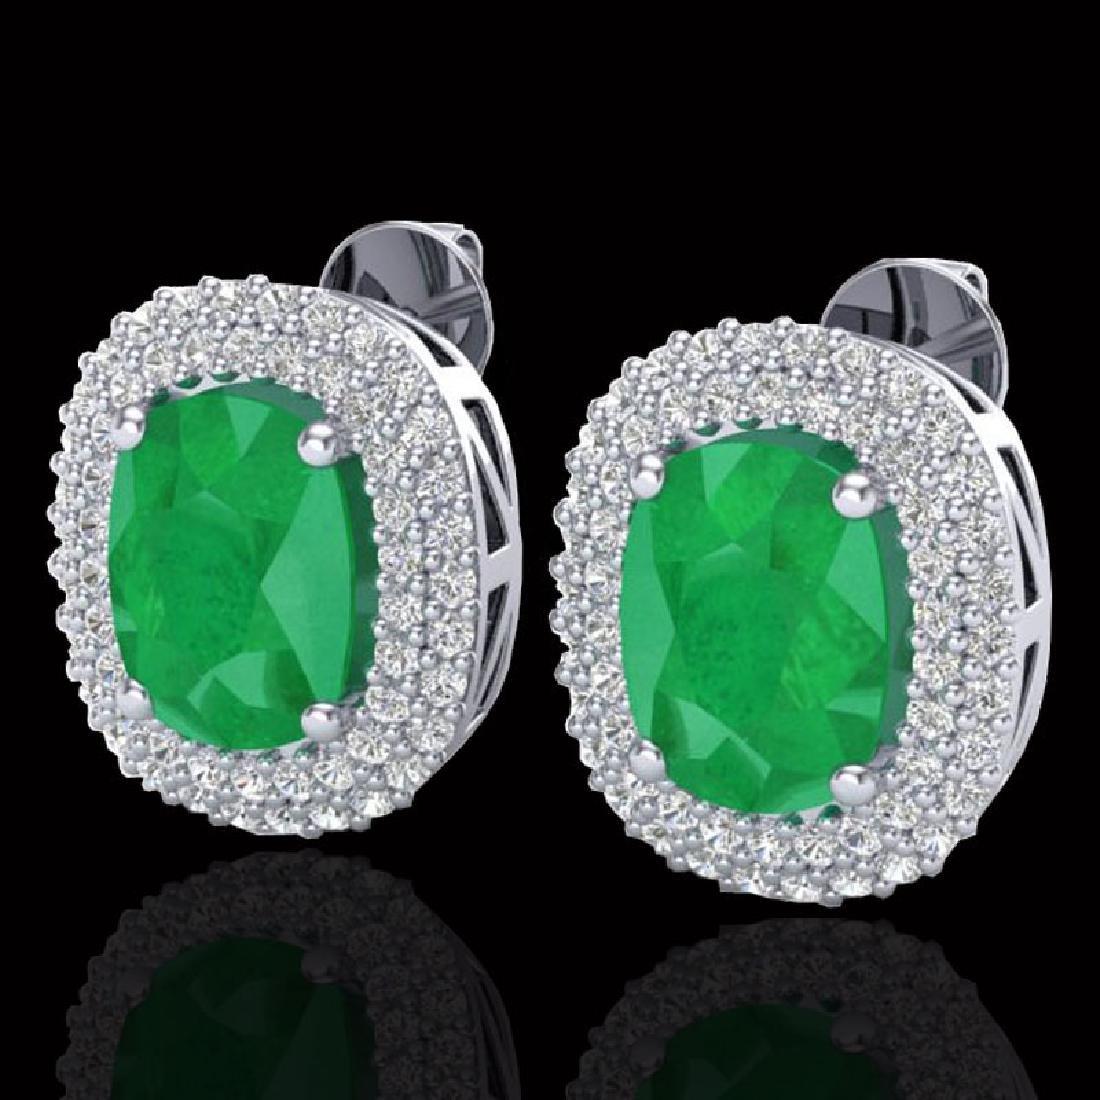 6.30 CTW Emerald & Micro Pave VS/SI Diamond Halo